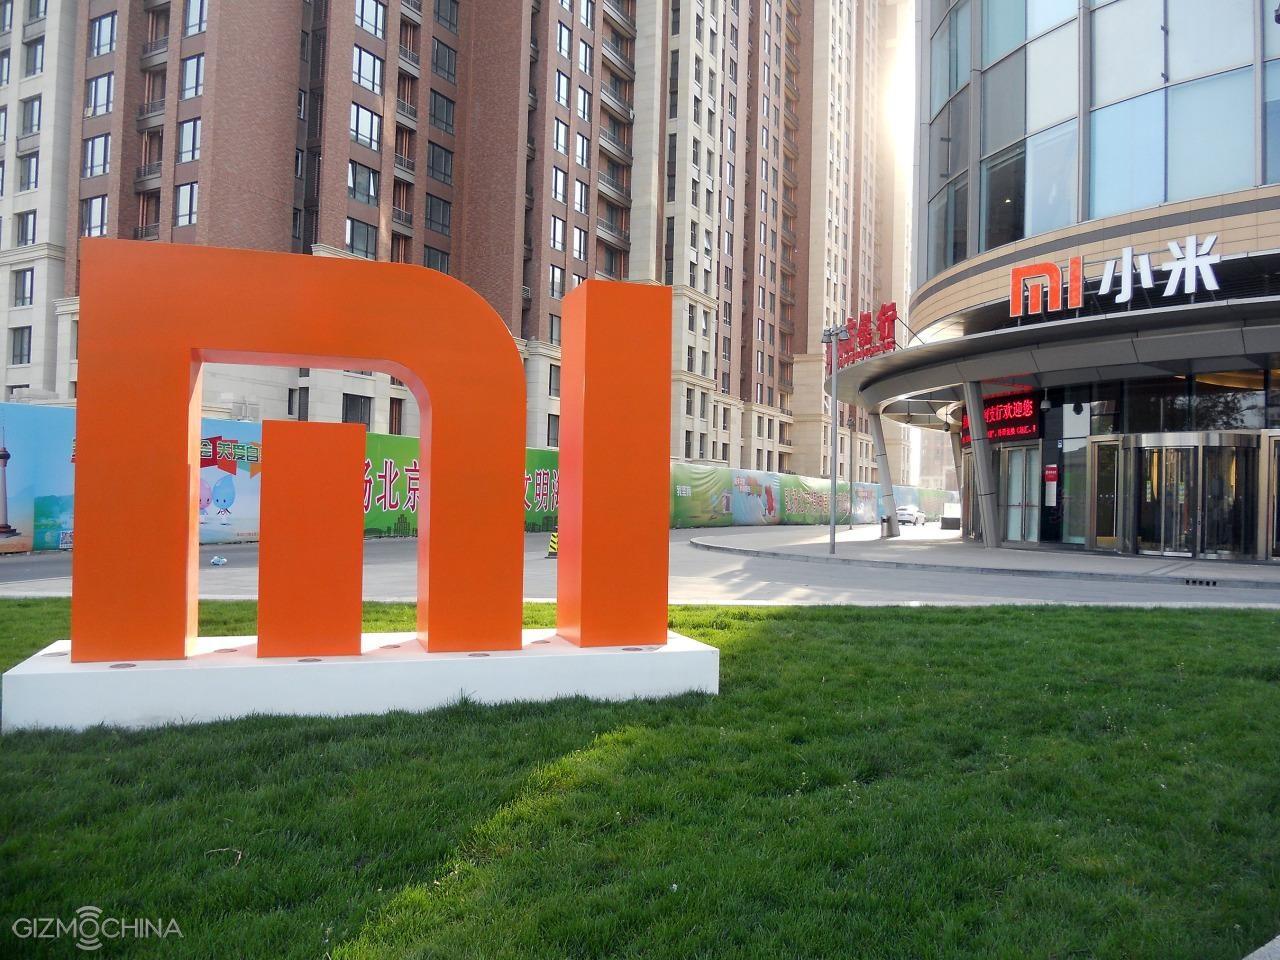 Trong bảy năm qua, Xiaomi đã tung ra các sản phẩm thuộc hai dòng sản phẩm khác nhau là Mi và Redmi. Ảnh: Gizmo China